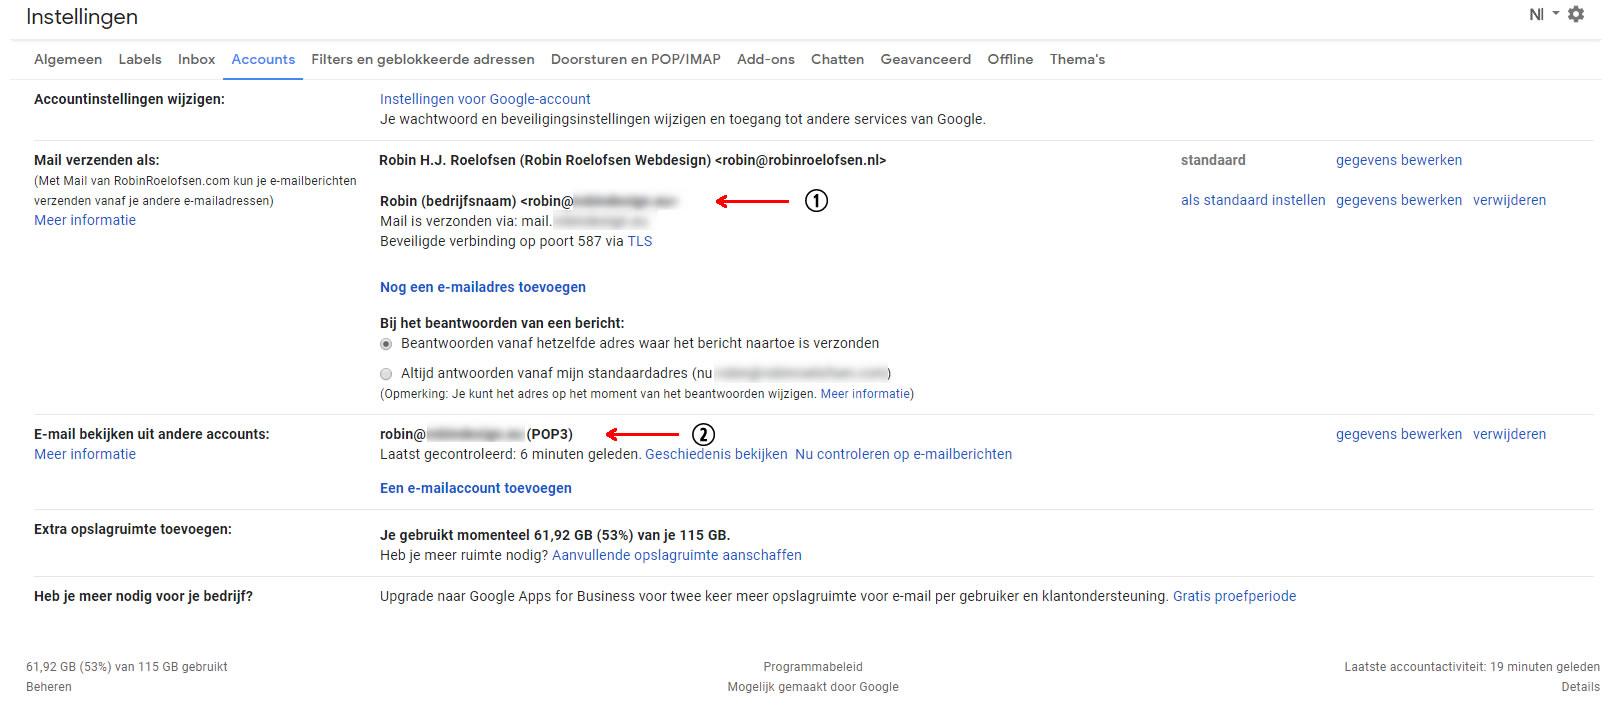 Accounts tab bij Instellingen in Gmail met nieuw e-mailaccount